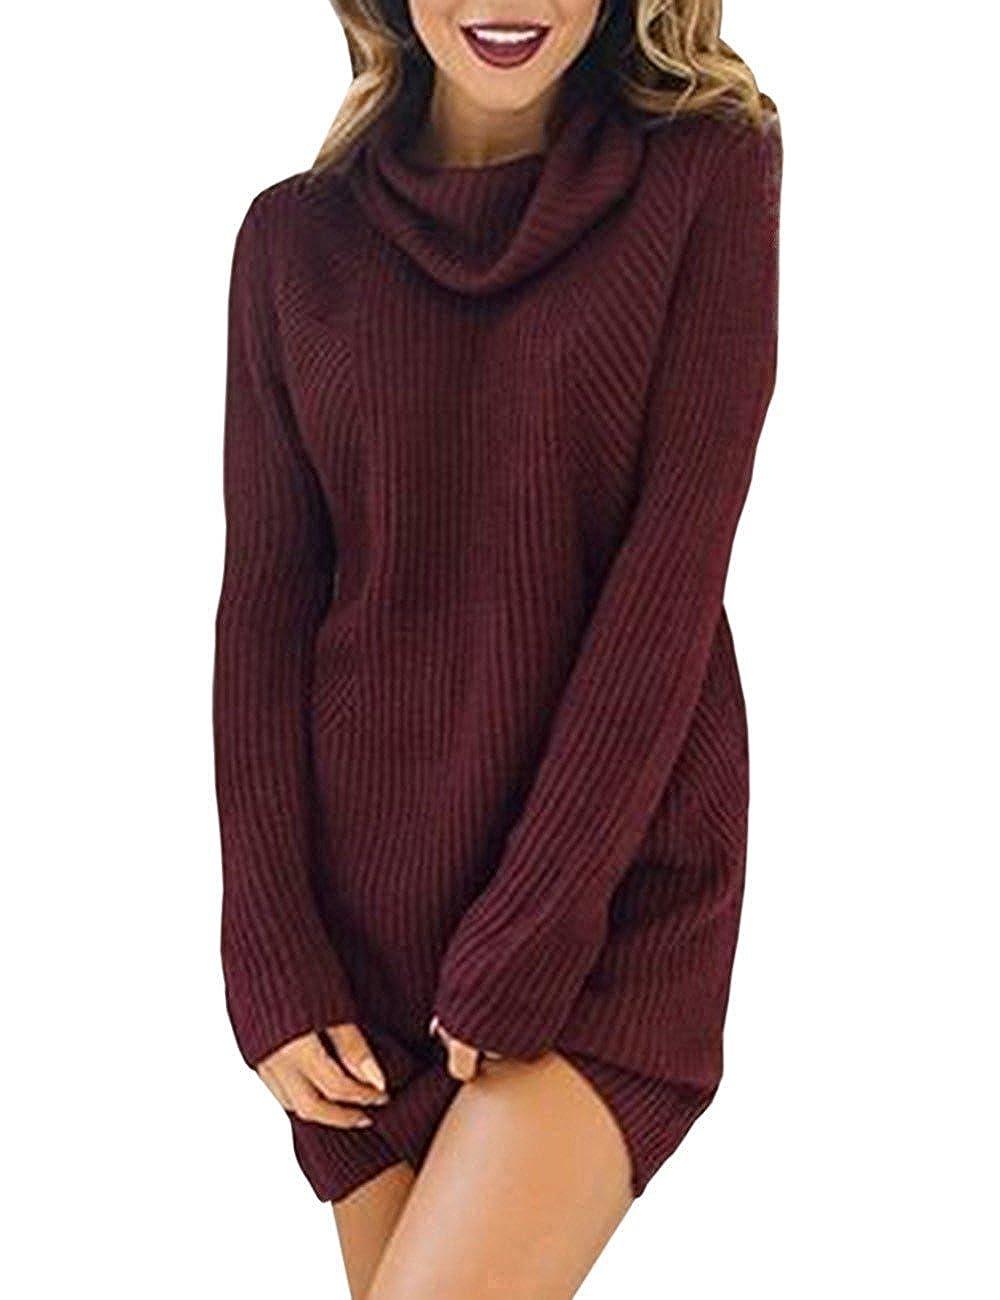 Maglie Donna Autunno Inverno Eleganti Maglione Vestito Collo Alto Lana Maglietta Dolcevita Moda Sweater Turtleneck Irregolare Maglione Abito di Maglia Maglieria